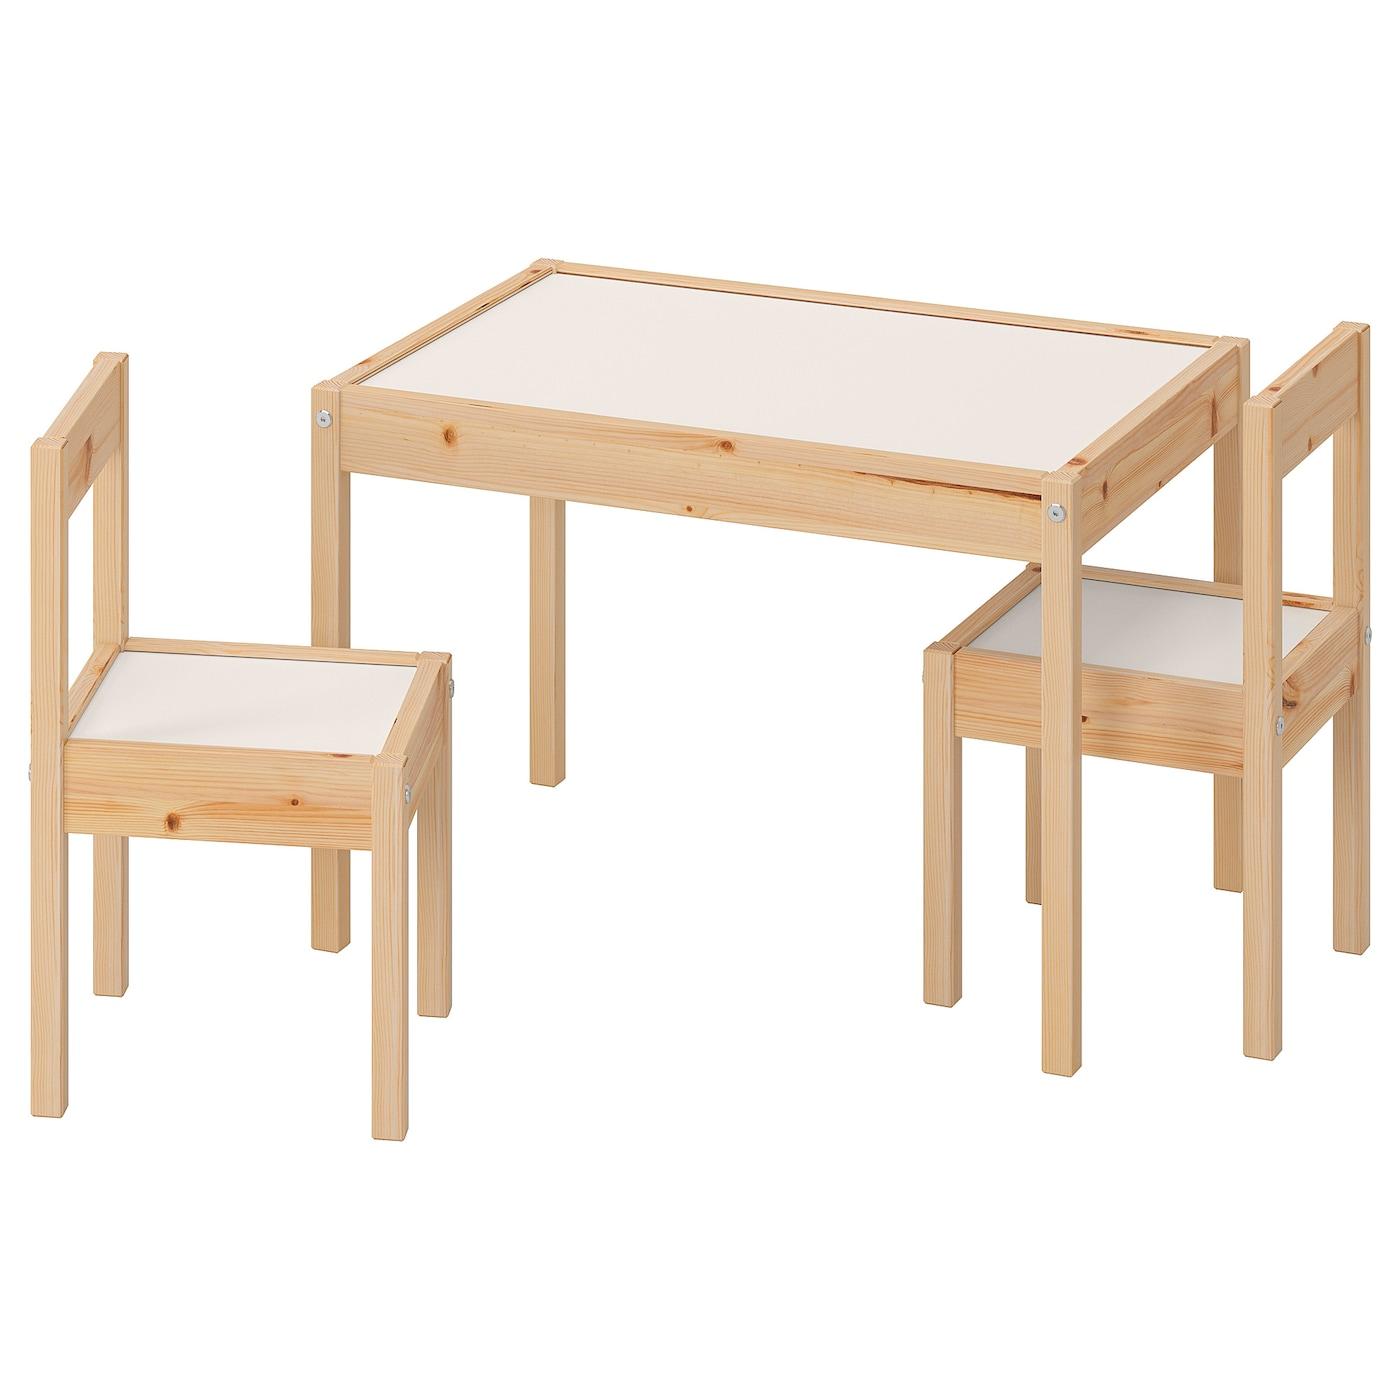 LÄTT Barnbord med 2 stolar vitfuru